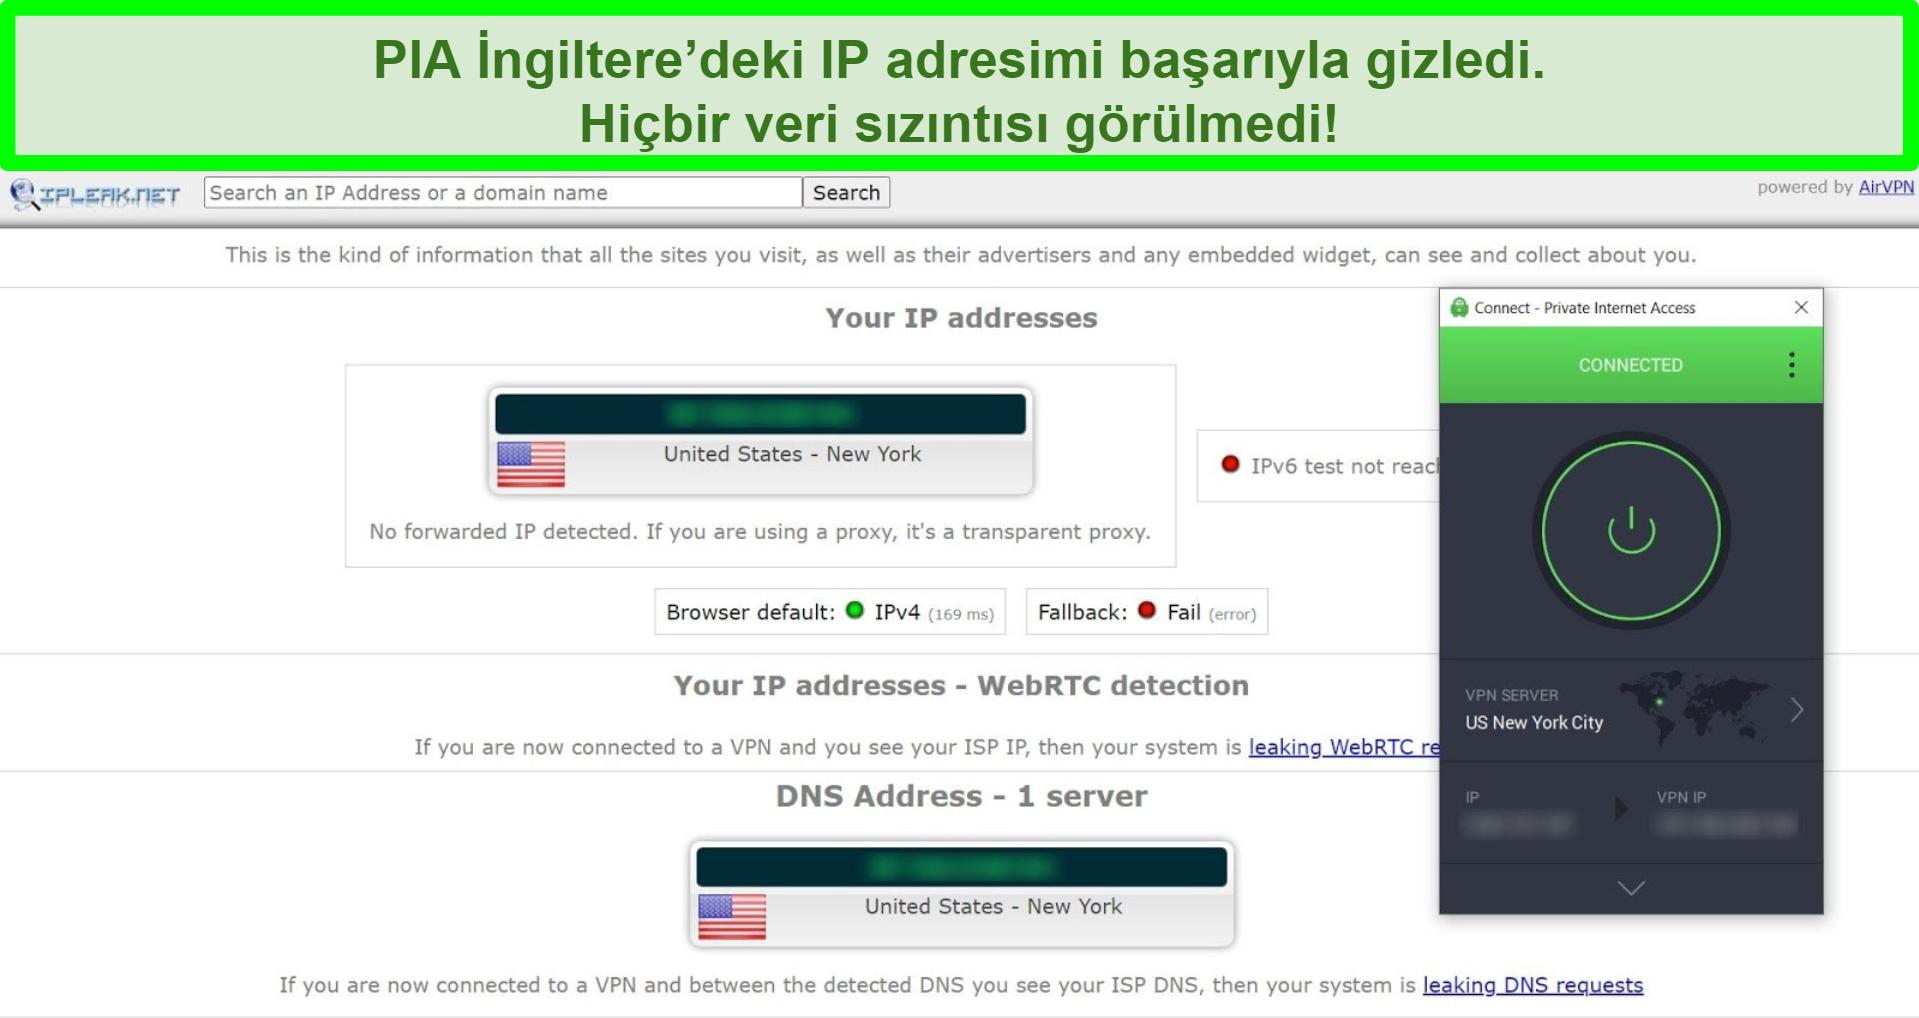 Bir ABD sunucusuna bağlı PIA ile IP sızıntı testi sonuçlarının ekran görüntüsü.